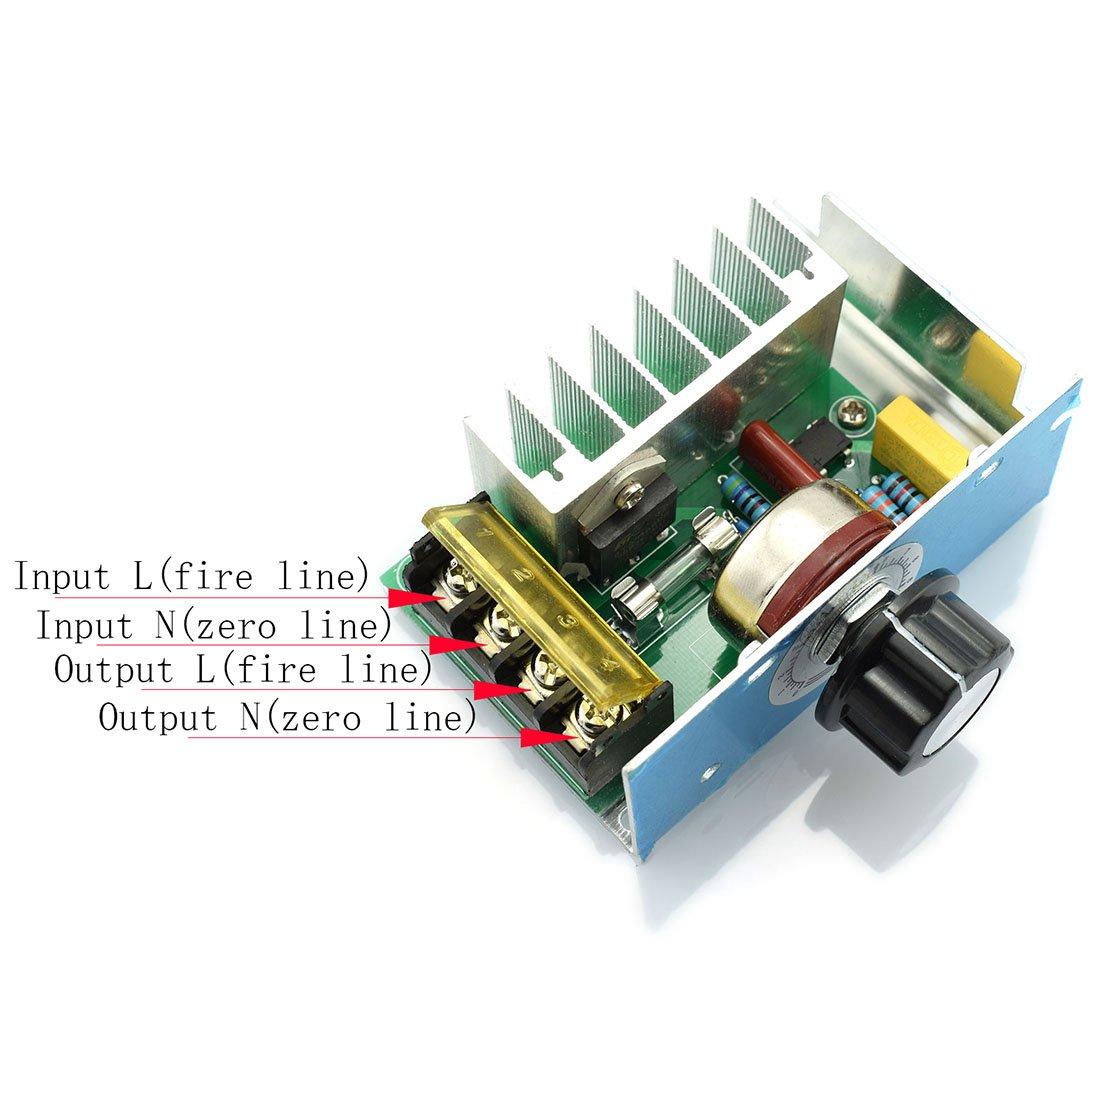 HJ Garden AC 220V 4000W Voltage Regulator Large Power Silicon Controlled SCR 10V-220V Adjustable Voltage Regulator Module Speed Controller Light Modulator Temperature Regulator Power Monitor .